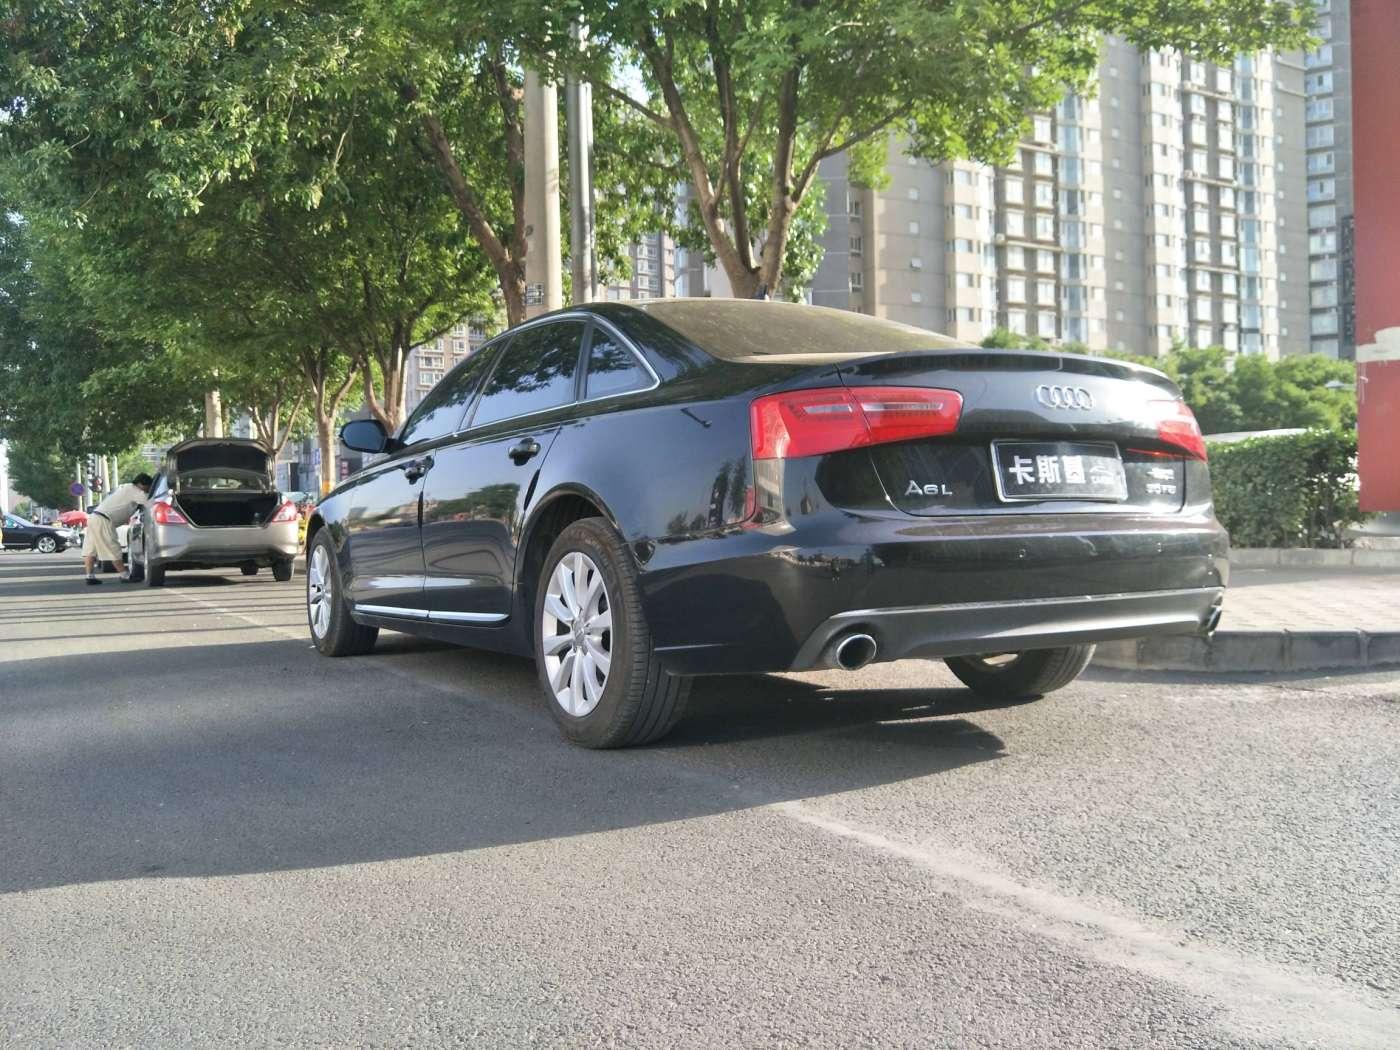 2013年09月 奥迪A6L 2014款 30 FSI 技术型|甄选奥迪-北京卡斯基汽车服务有限公司